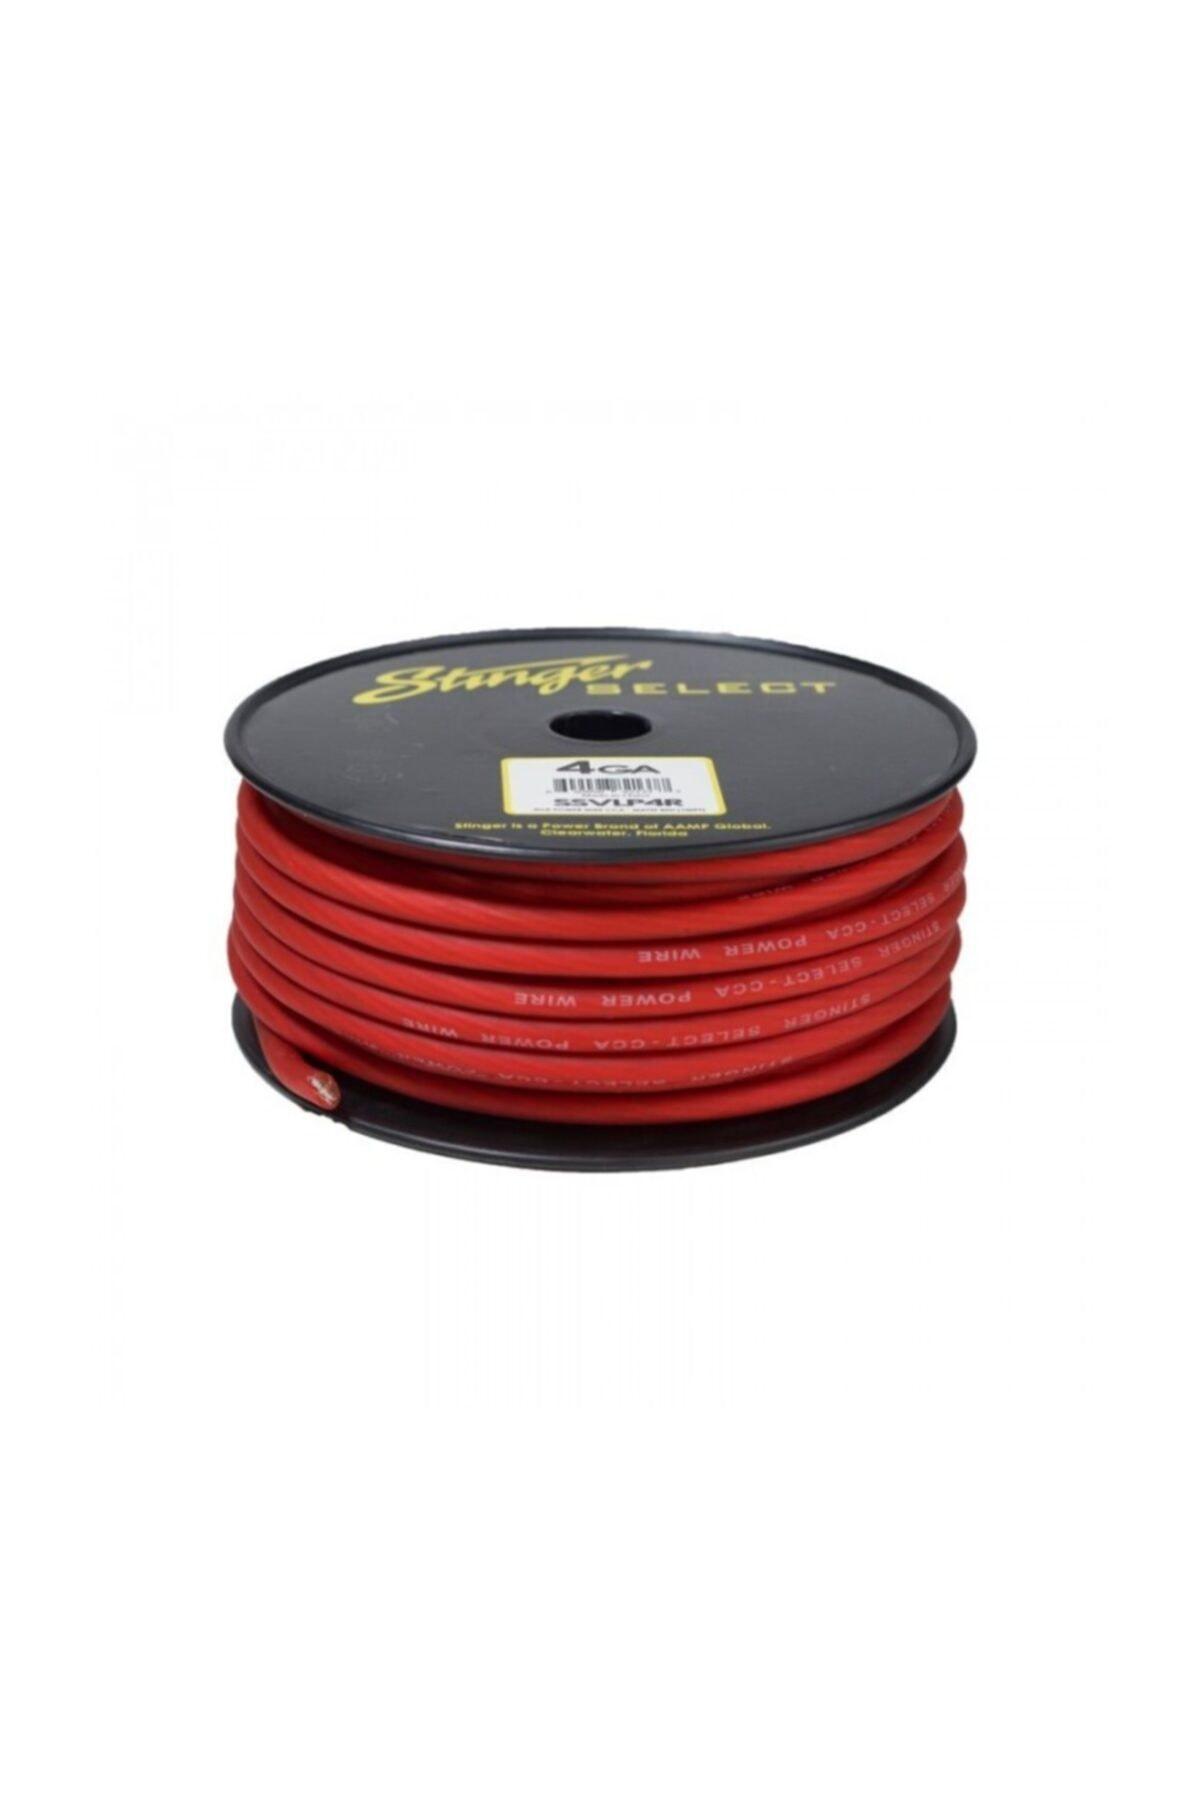 Ssvlp4r 4ga Mat Kırmızı 30,5 Metre Elektrik Kablosu